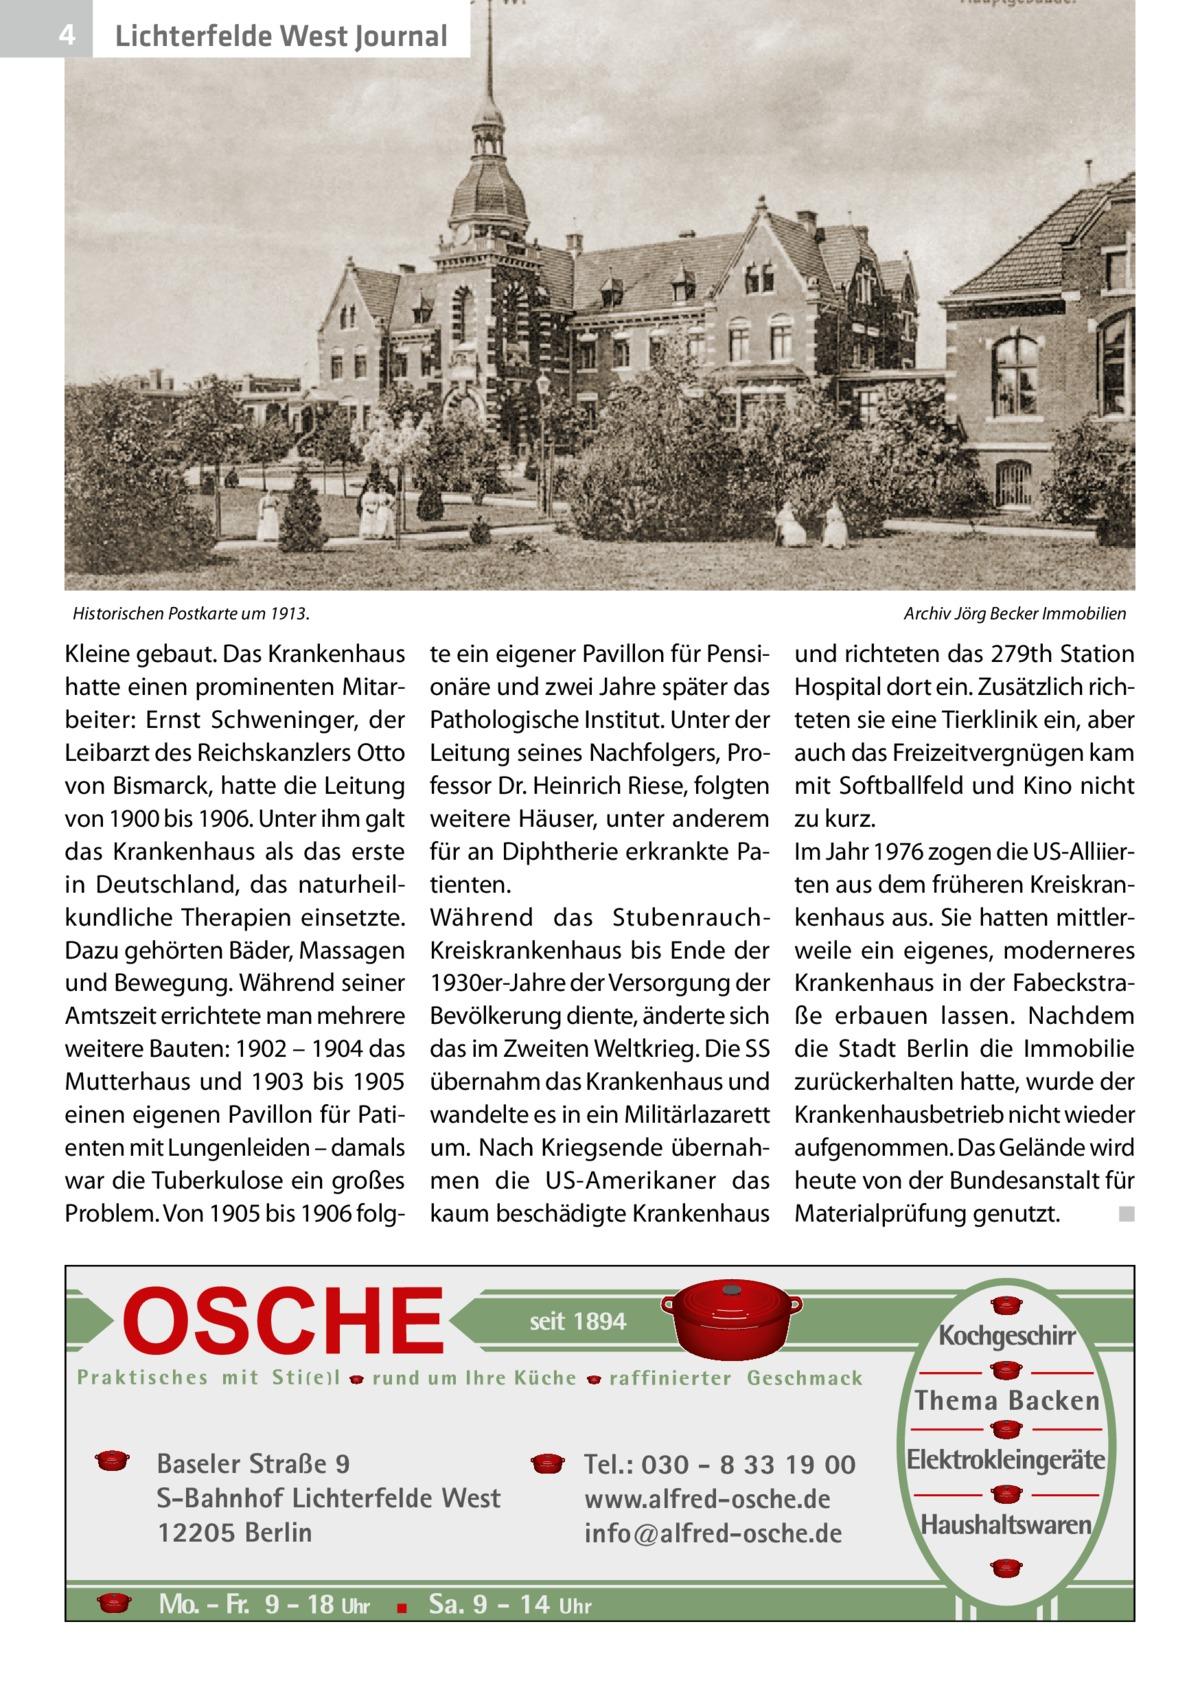 4  Lichterfelde West Journal  Historischen Postkarte um 1913.�  Kleine gebaut. Das Krankenhaus hatte einen prominenten Mitarbeiter: Ernst Schweninger, der Leibarzt des Reichskanzlers Otto von Bismarck, hatte die Leitung von 1900 bis 1906. Unter ihm galt das Krankenhaus als das erste in Deutschland, das naturheilkundliche Therapien einsetzte. Dazu gehörten Bäder, Massagen und Bewegung. Während seiner Amtszeit errichtete man mehrere weitere Bauten: 1902 – 1904 das Mutterhaus und 1903 bis 1905 einen eigenen Pavillon für Patienten mit Lungenleiden – damals war die Tuberkulose ein großes Problem. Von 1905 bis 1906 folg Archiv Jörg Becker Immobilien  te ein eigener Pavillon für Pensionäre und zwei Jahre später das Pathologische Institut. Unter der Leitung seines Nachfolgers, Professor Dr.Heinrich Riese, folgten weitere Häuser, unter anderem für an Diphtherie erkrankte Patienten. Während das StubenrauchKreiskrankenhaus bis Ende der 1930er-Jahre der Versorgung der Bevölkerung diente, änderte sich das im Zweiten Weltkrieg. Die SS übernahm das Krankenhaus und wandelte es in ein Militärlazarett um. Nach Kriegsende übernahmen die US-Amerikaner das kaum beschädigte Krankenhaus  Baseler Straße 9 S-Bahnhof Lichterfelde West 12205 Berlin  und richteten das 279th Station Hospital dort ein. Zusätzlich richteten sie eine Tierklinik ein, aber auch das Freizeitvergnügen kam mit Softballfeld und Kino nicht zu kurz. Im Jahr 1976 zogen die US-Alliierten aus dem früheren Kreiskrankenhaus aus. Sie hatten mittlerweile ein eigenes, moderneres Krankenhaus in der Fabeckstraße erbauen lassen. Nachdem die Stadt Berlin die Immobilie zurückerhalten hatte, wurde der Krankenhausbetrieb nicht wieder aufgenommen. Das Gelände wird heute von der Bundesanstalt für Materialprüfung genutzt. � ◾  Tel.: 030 - 8 33 19 00 www.alfred-osche.de info@alfred-osche.de